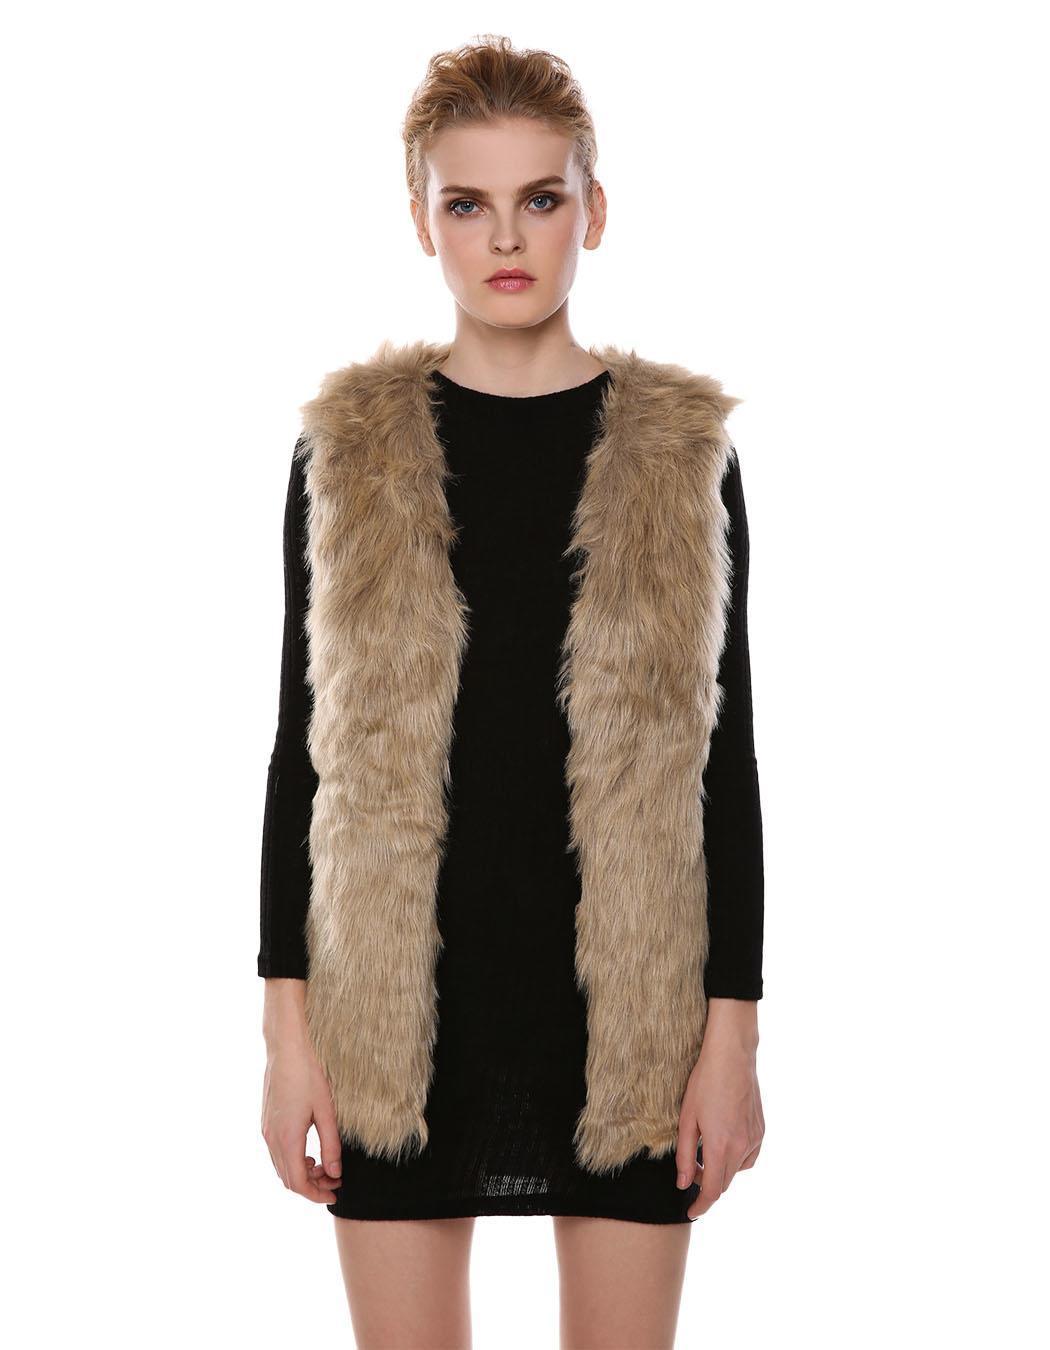 femme fausse fourrure gilet manteau long sans manches. Black Bedroom Furniture Sets. Home Design Ideas